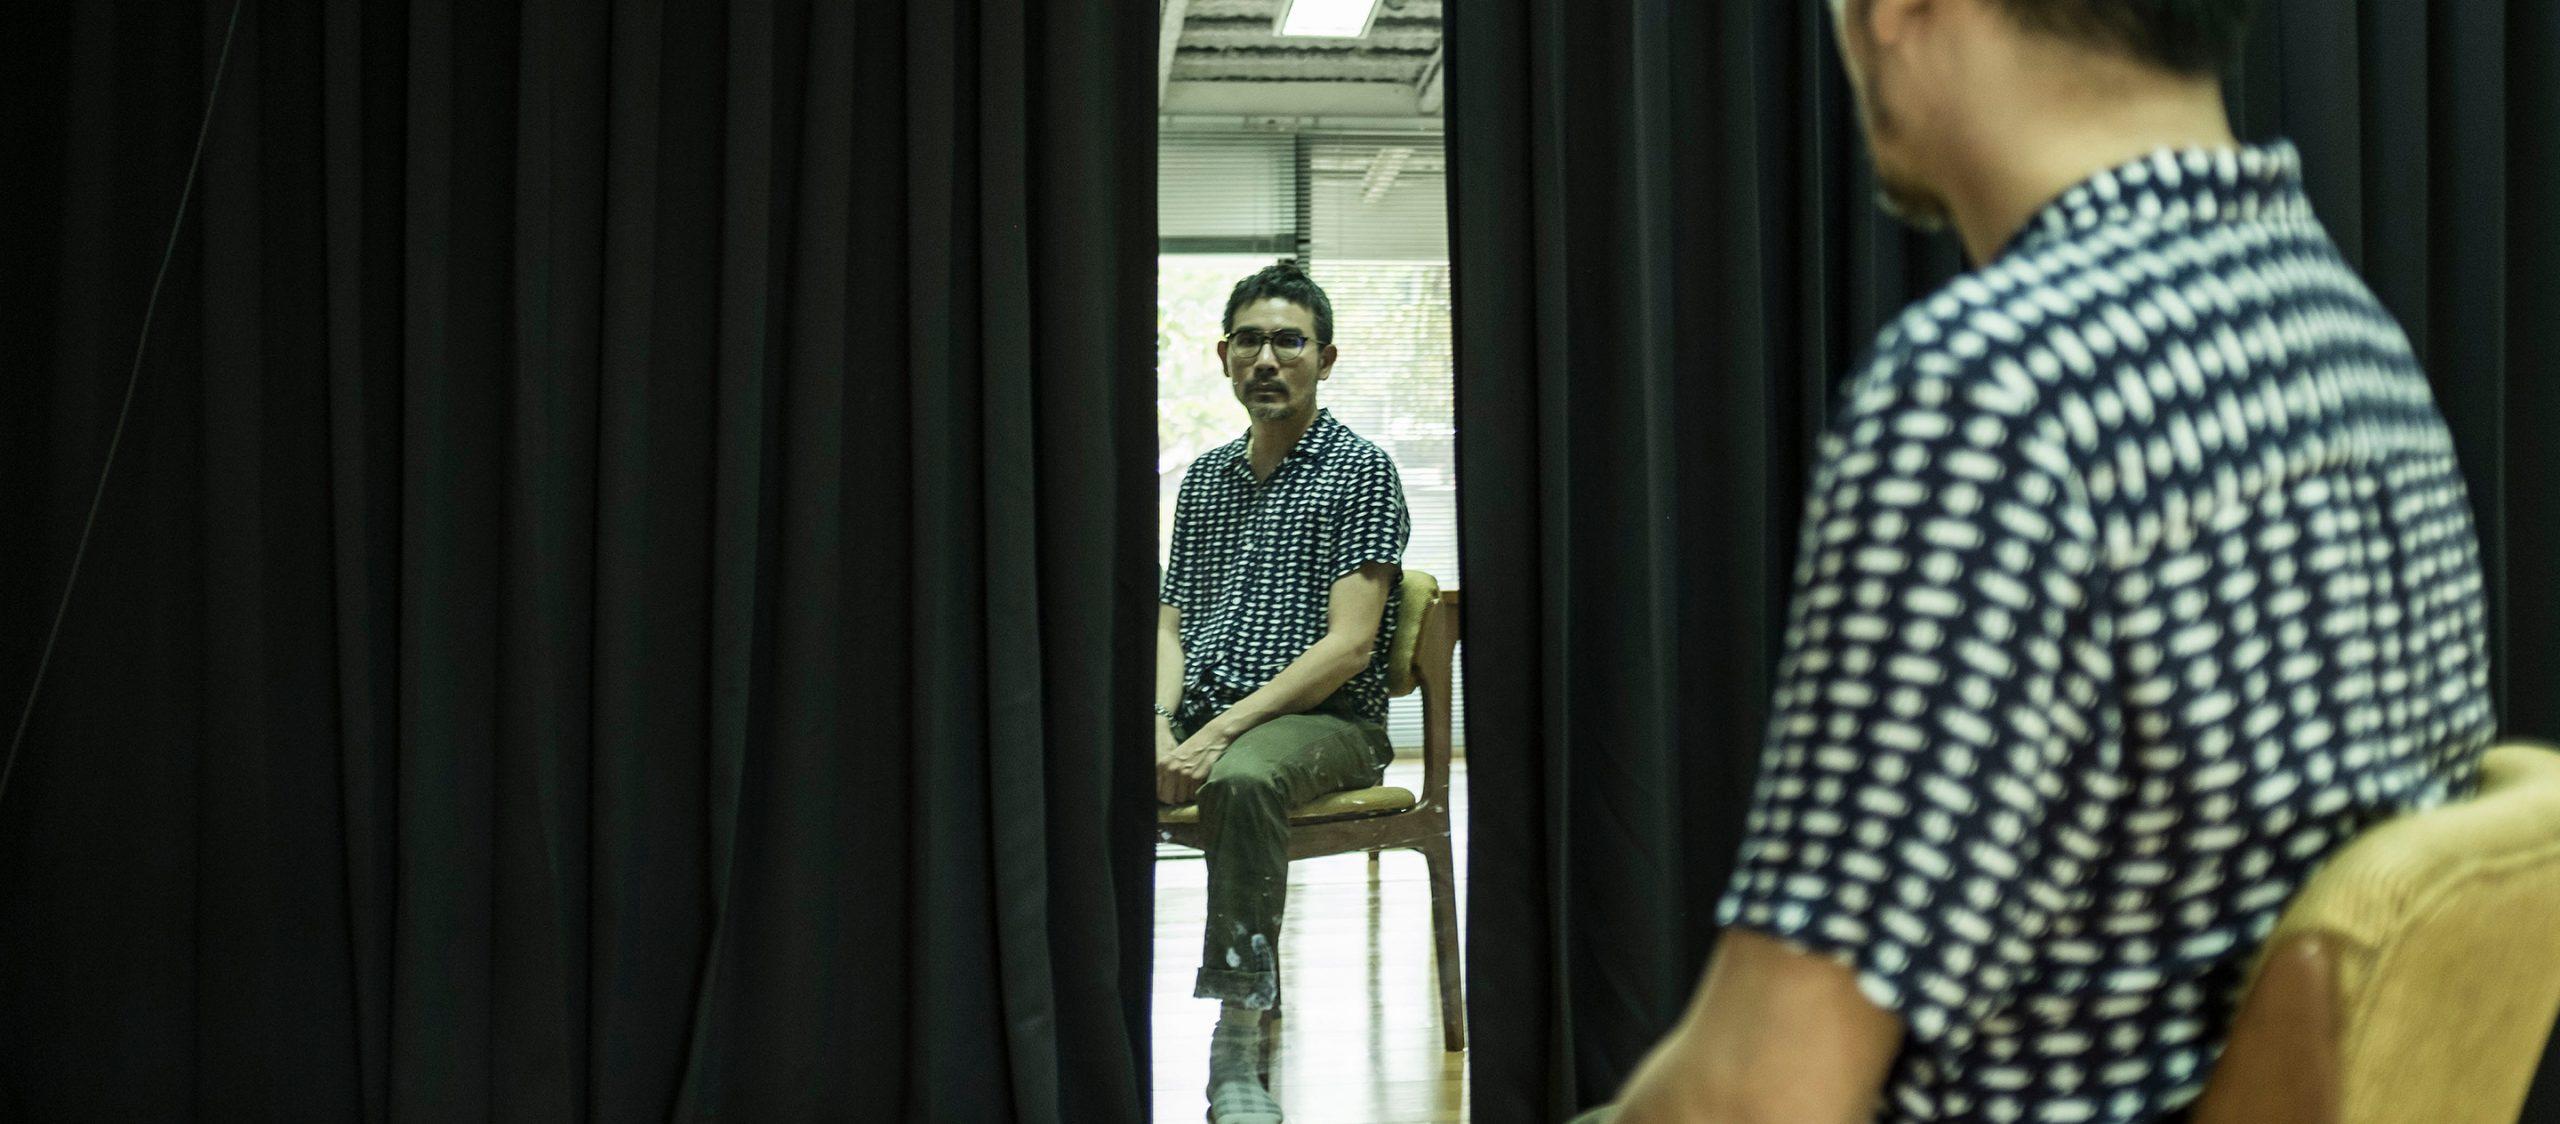 สิทธิศิริ มงคลศิริ : ในวันที่ 'แสงกระสือ' เข้าฉาย และเป็นหนังที่ใครๆ ต่างเชียร์ให้ไปดู